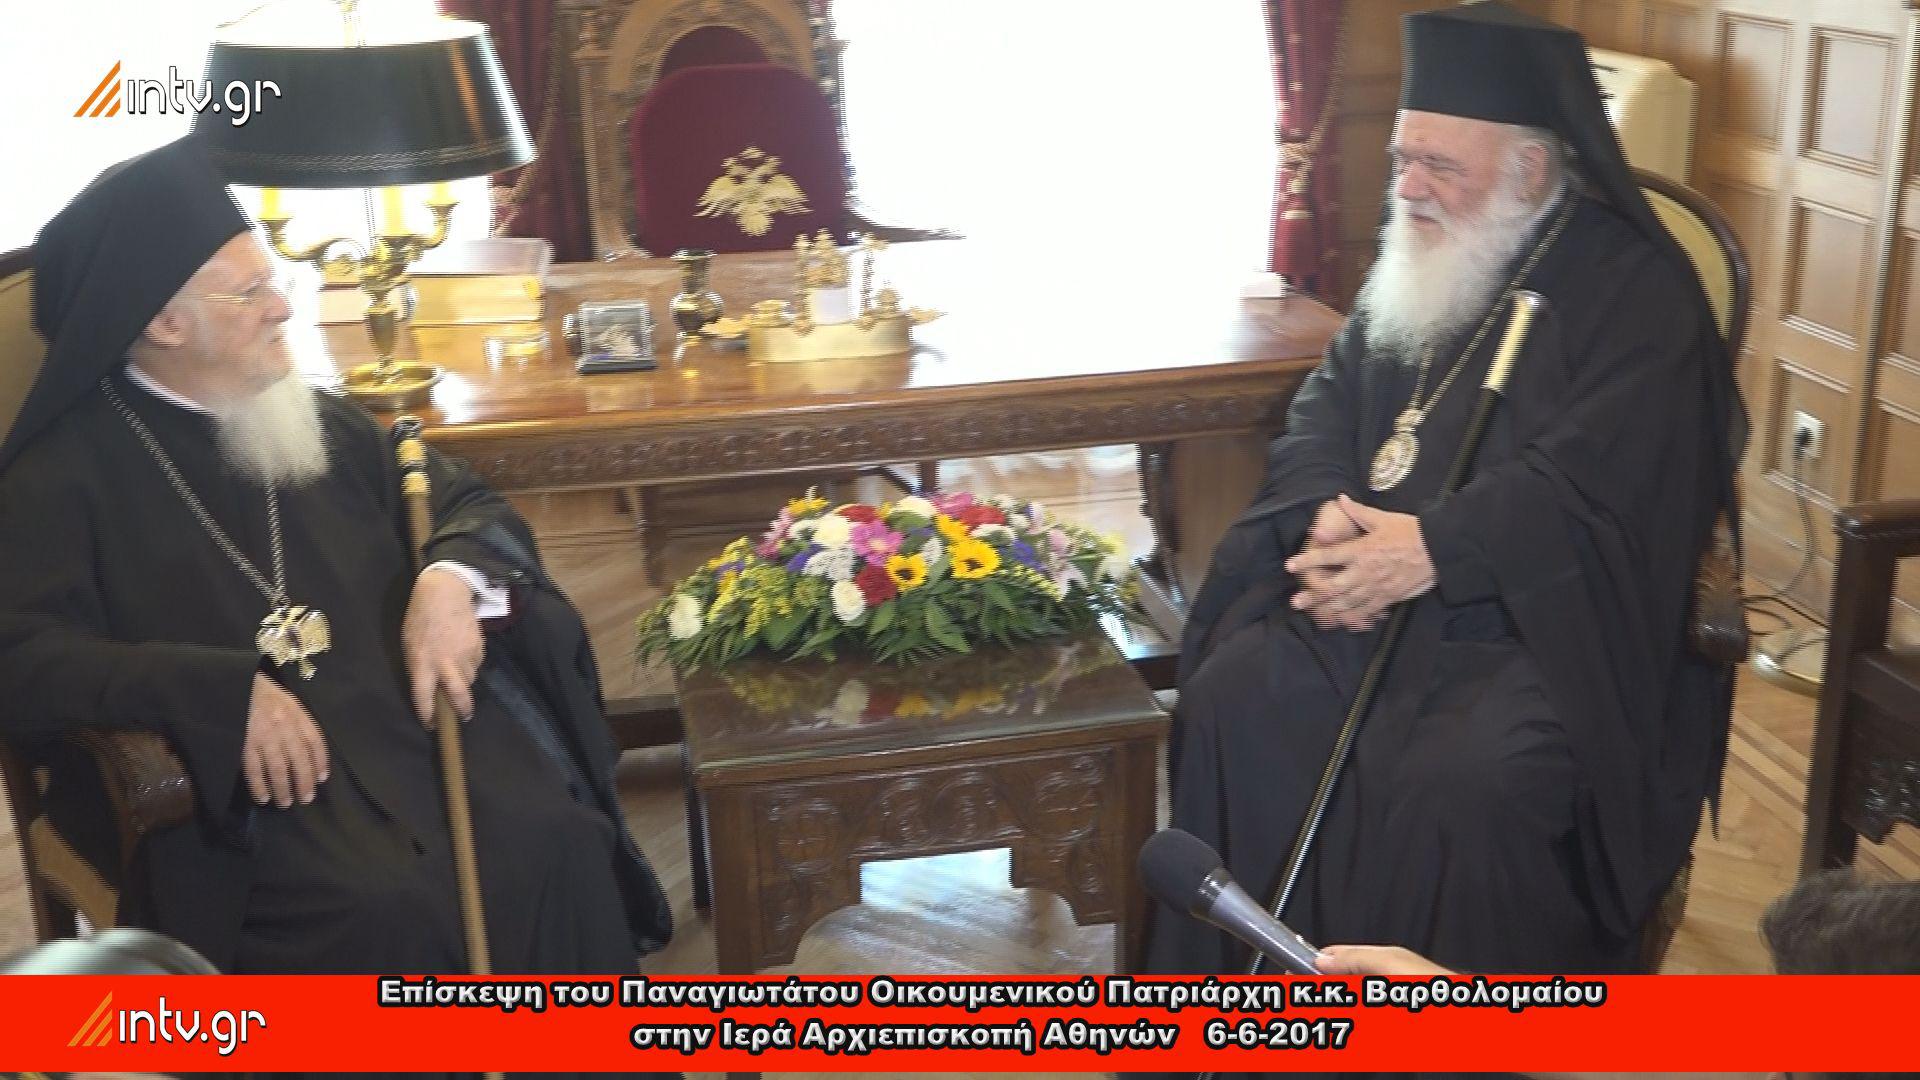 Επίσκεψη του Παναγιωτάτου Οικουμενικού Πατριάρχη κ.κ. Βαρθολομαίου στην Ιερά Αρχιεπισκοπή Αθηνών